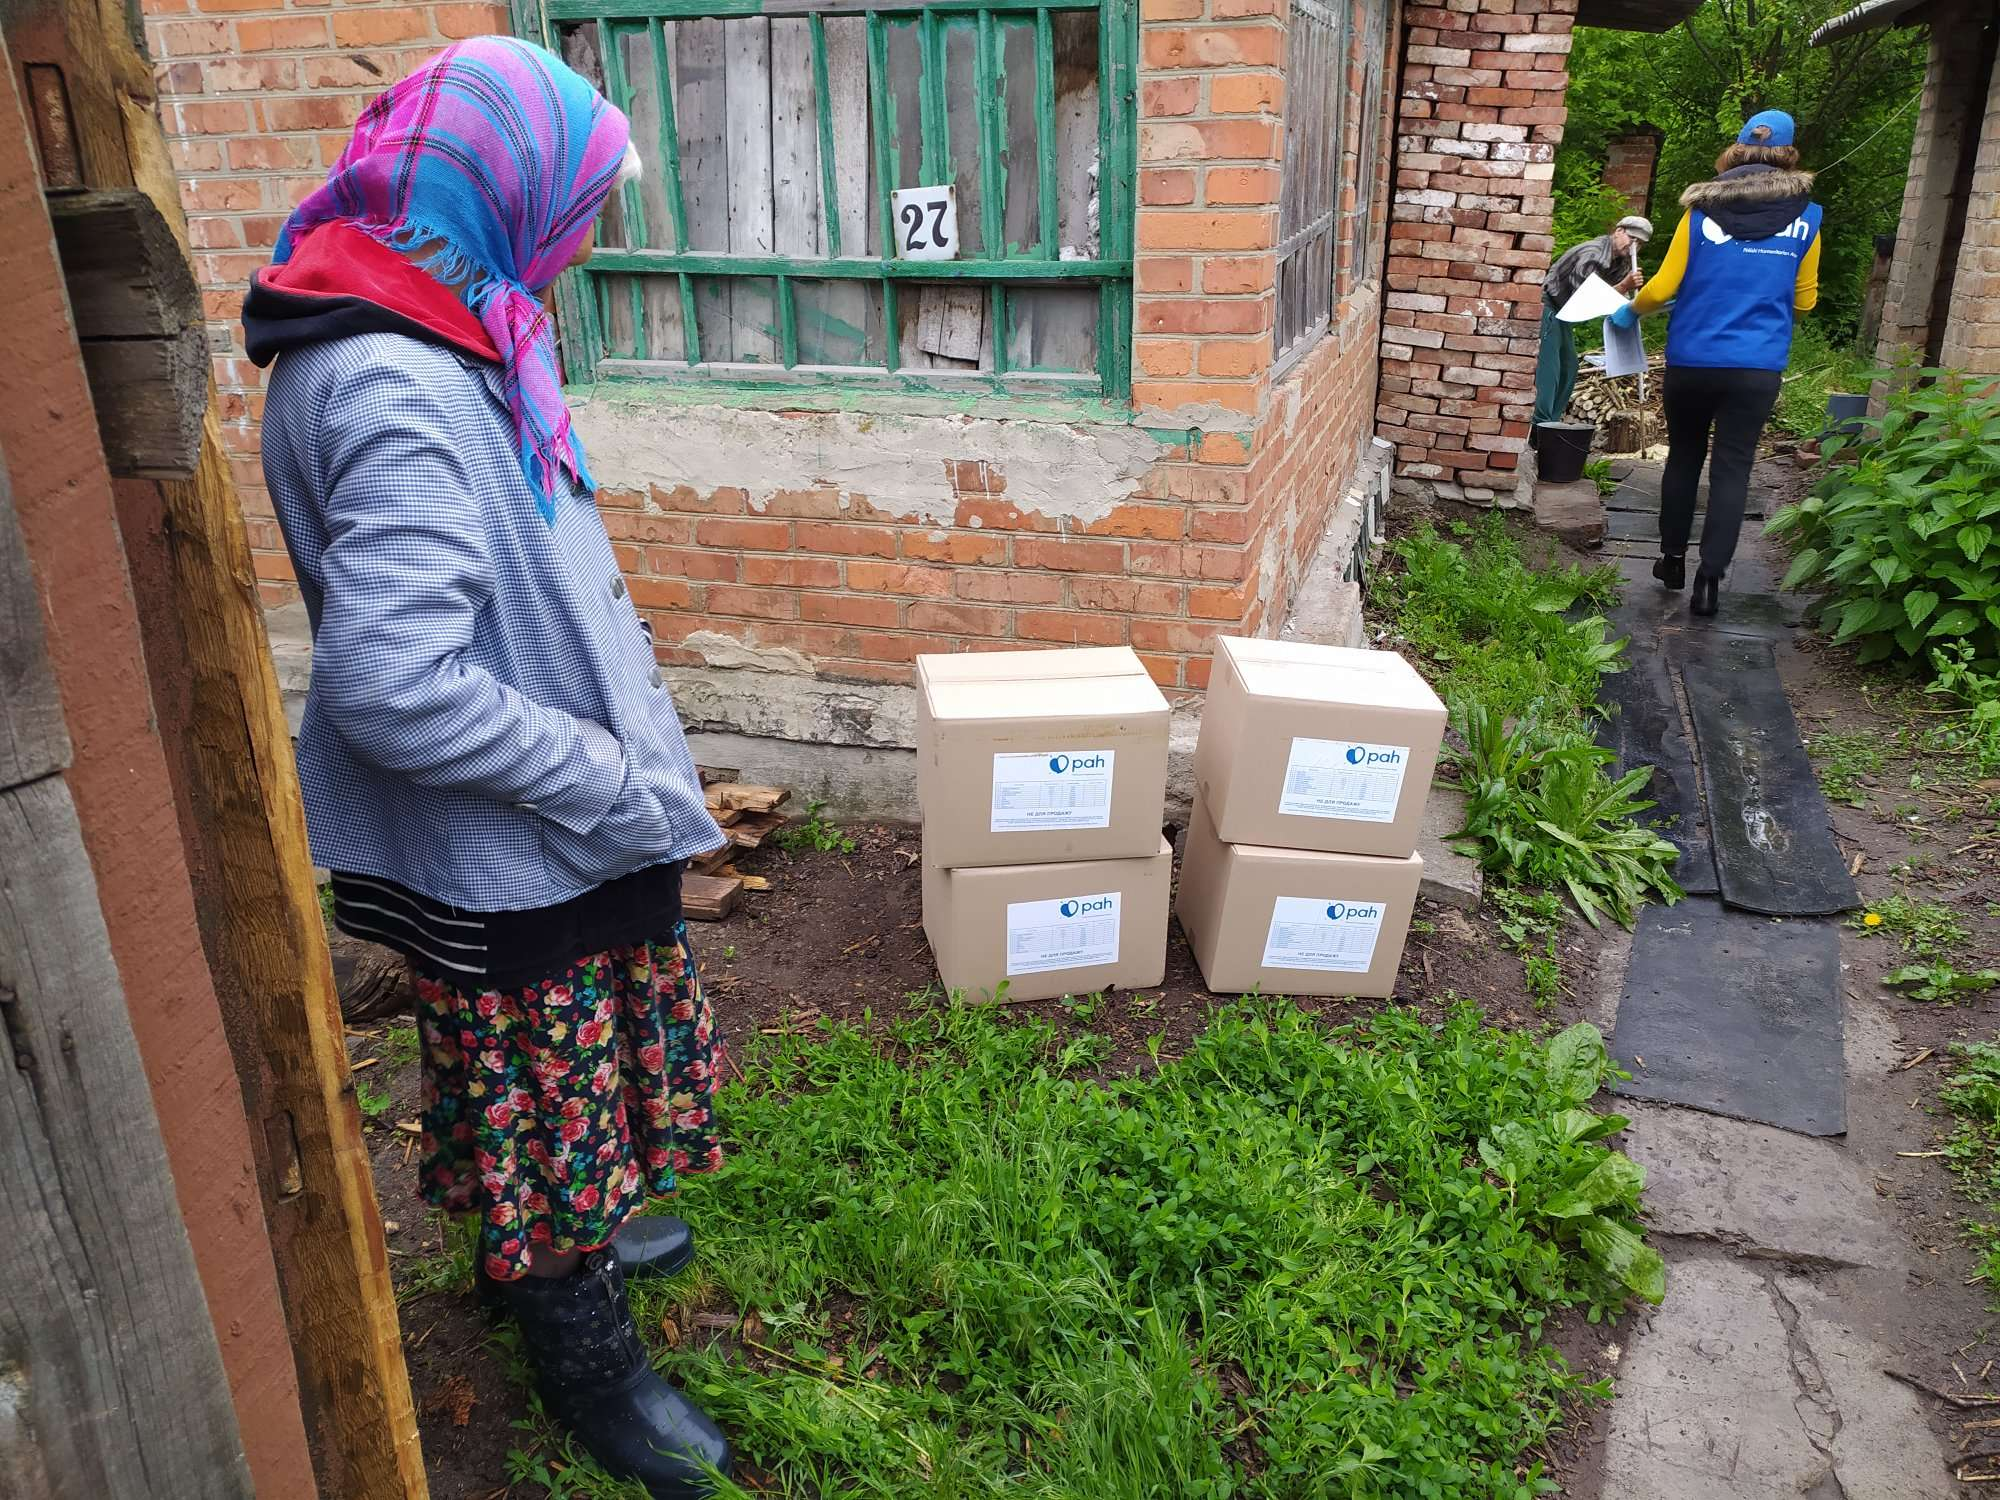 Wojna w czasach zarazy – rozmowa z Claudią Zygmunt, koordynatorką misji Polskiej Akcji Humanitarnej na Ukrainie